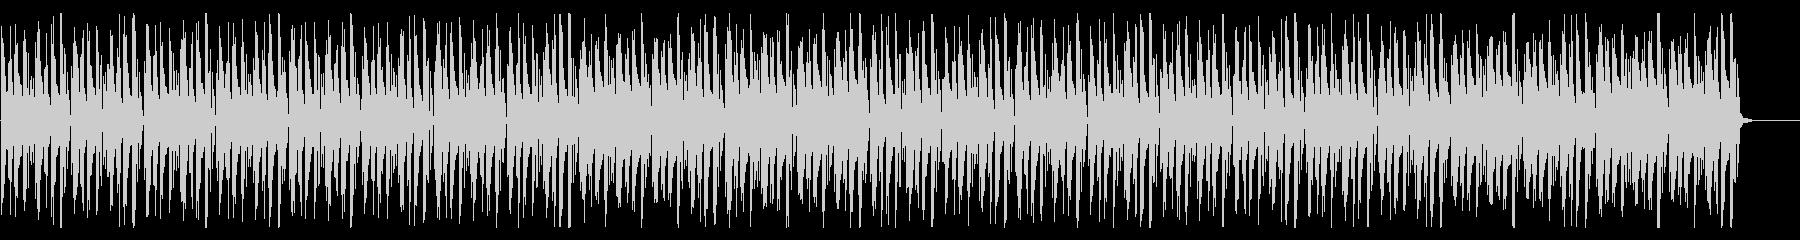 8ビット、チップチューン系の解説BGMの未再生の波形